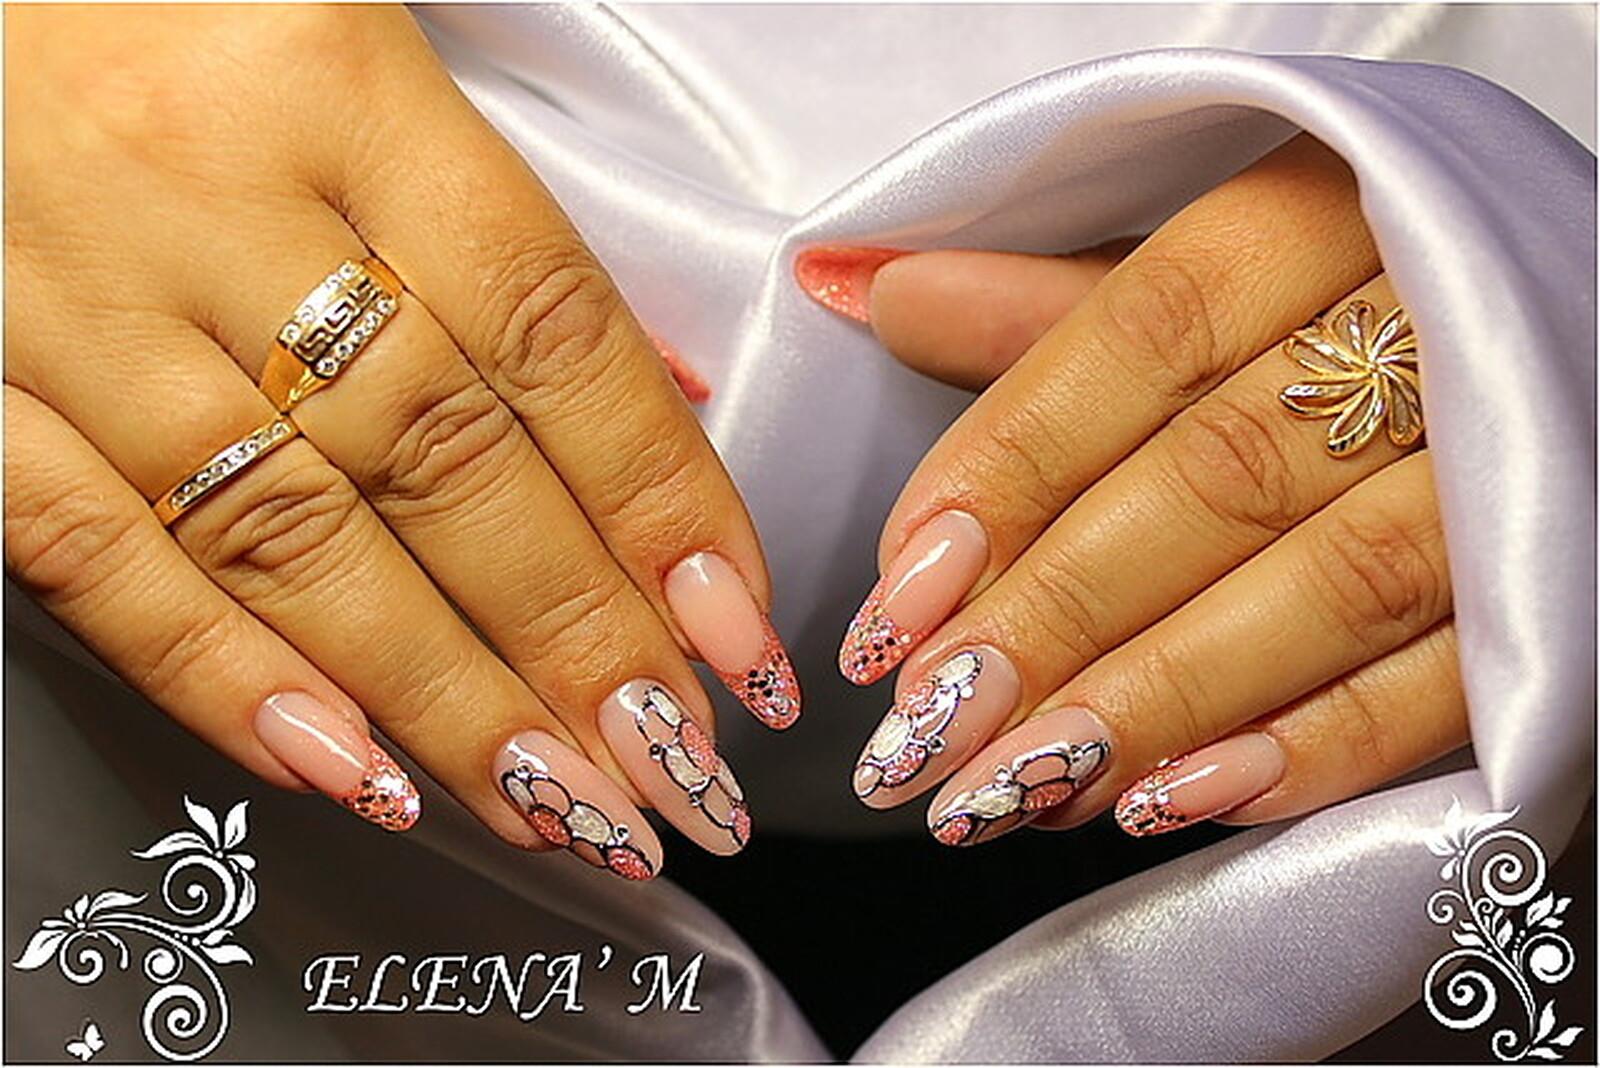 Мария виговская дизайн ногтей новые фото